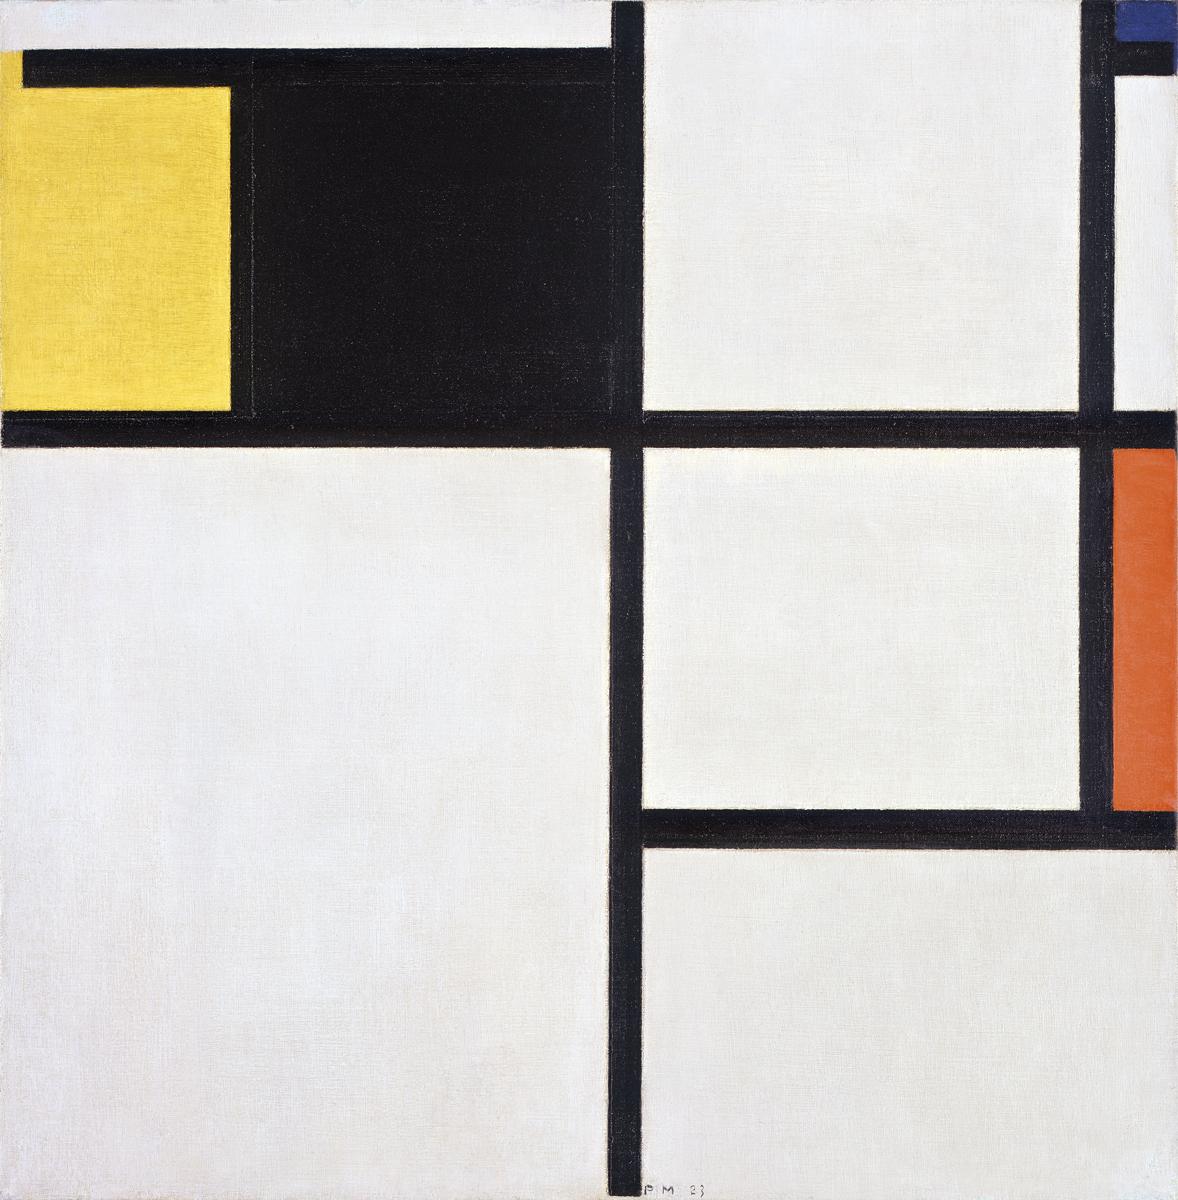 tableau amarelo preto azul vermelho e cinzento museu berardo. Black Bedroom Furniture Sets. Home Design Ideas